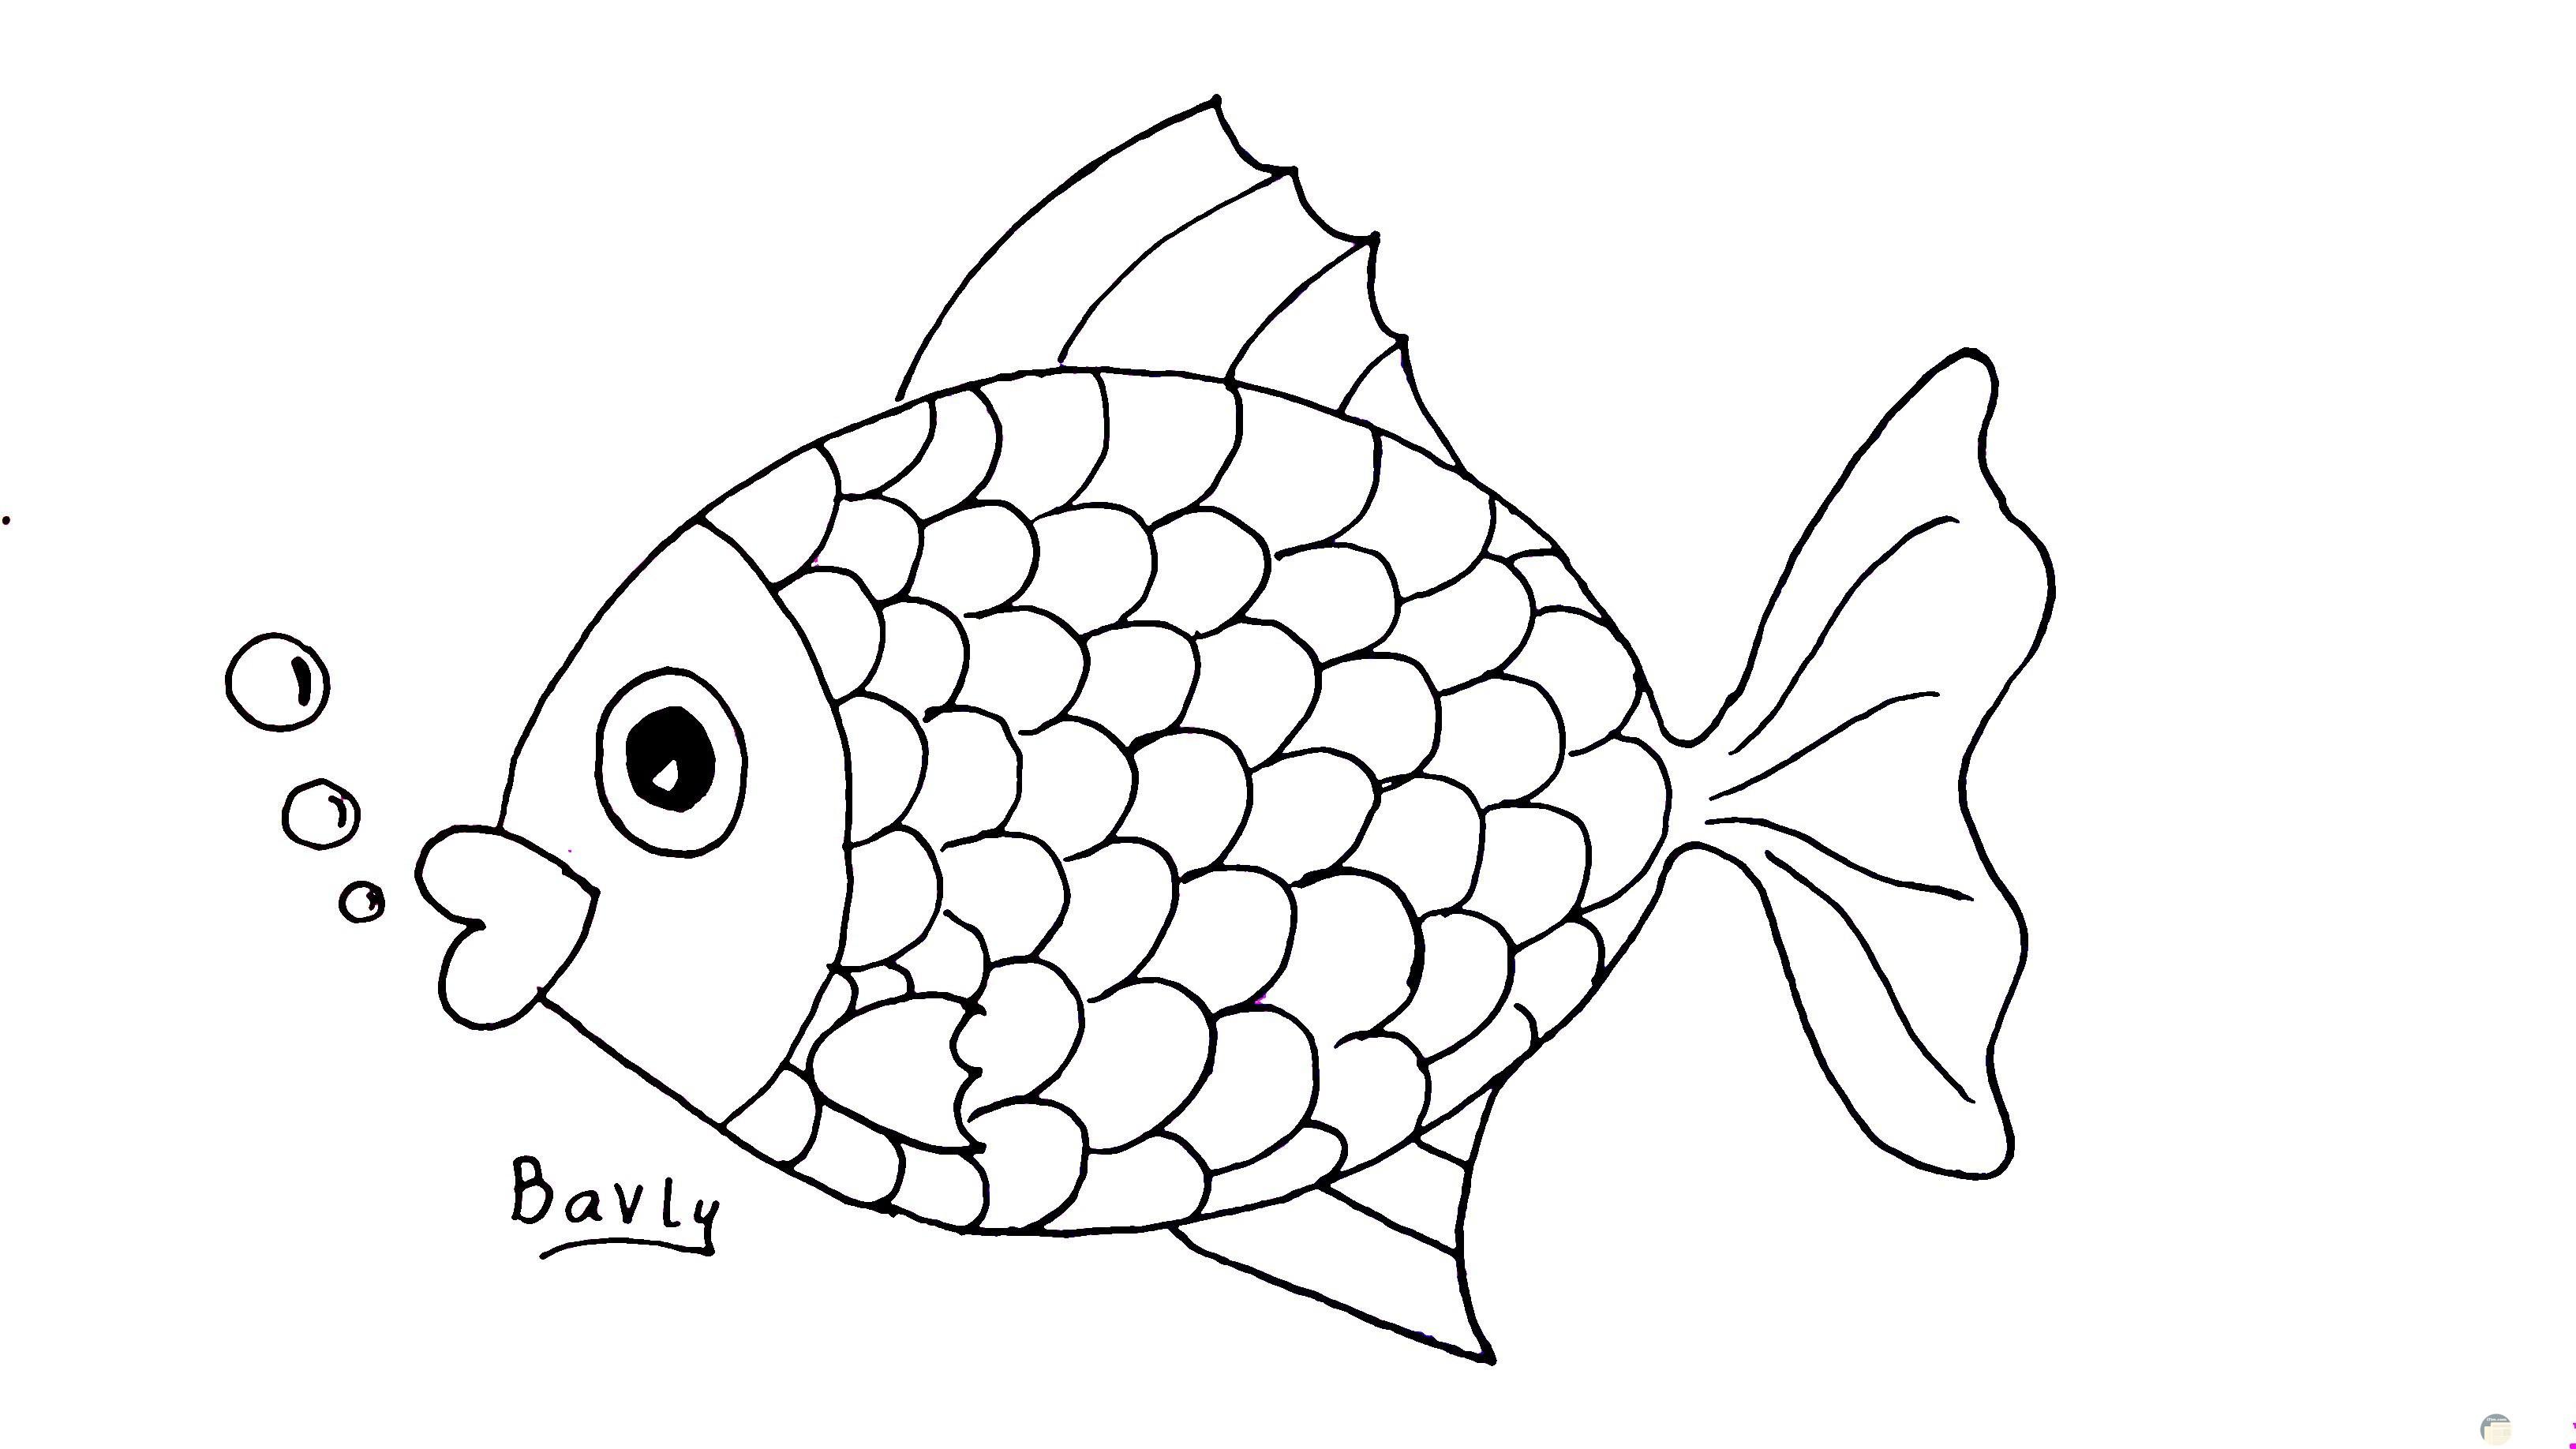 رسمة سمكة للأطفال سهلة وبسيطة